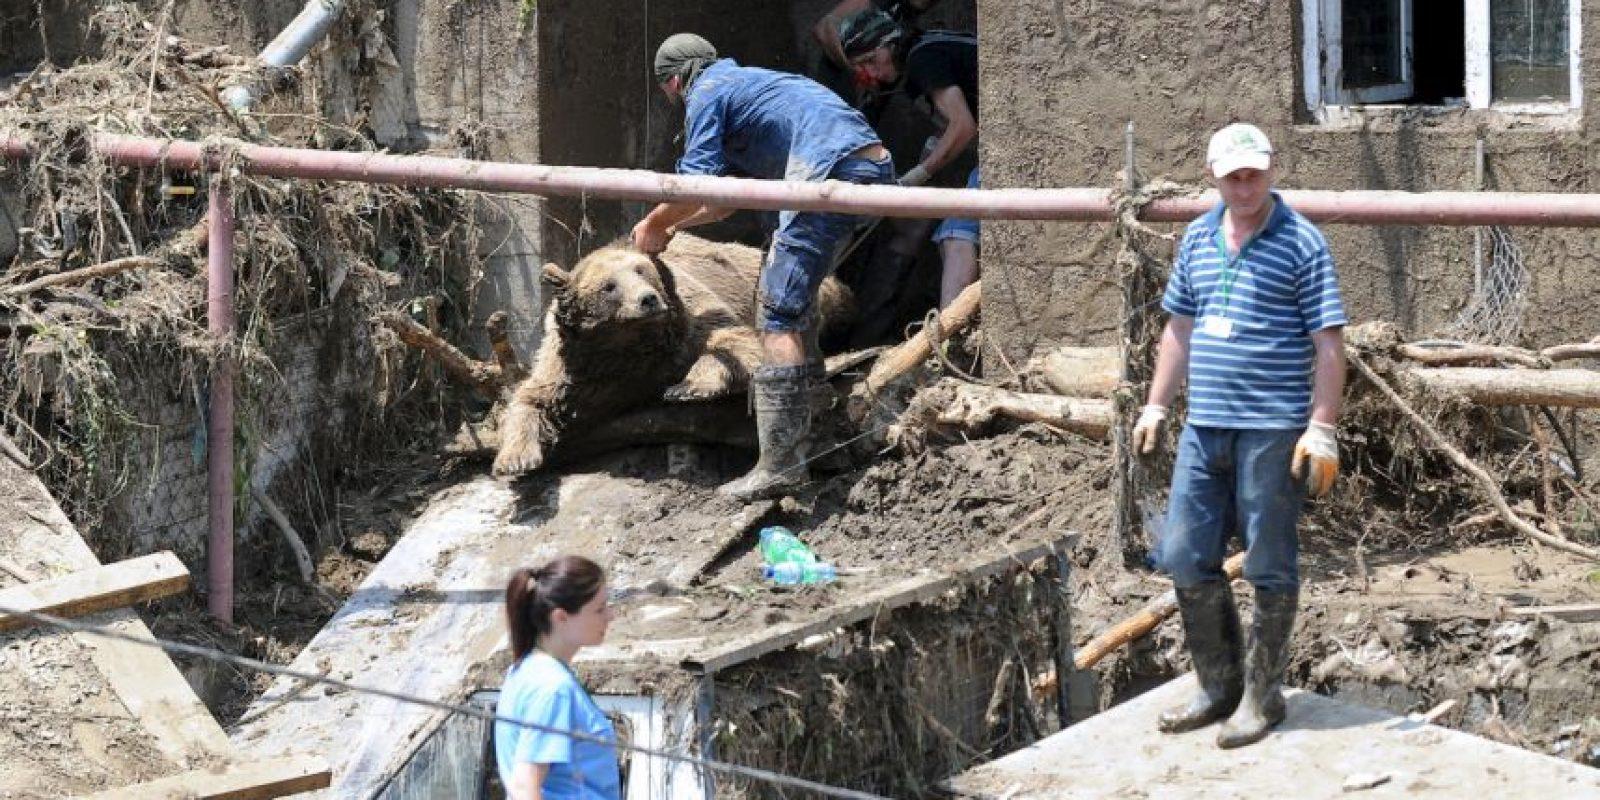 Policías especiales de Georgia han sido acusados de reaccionar agresivamente ante la capturar de los animales que se escaparon del zoológico. Foto:AFP